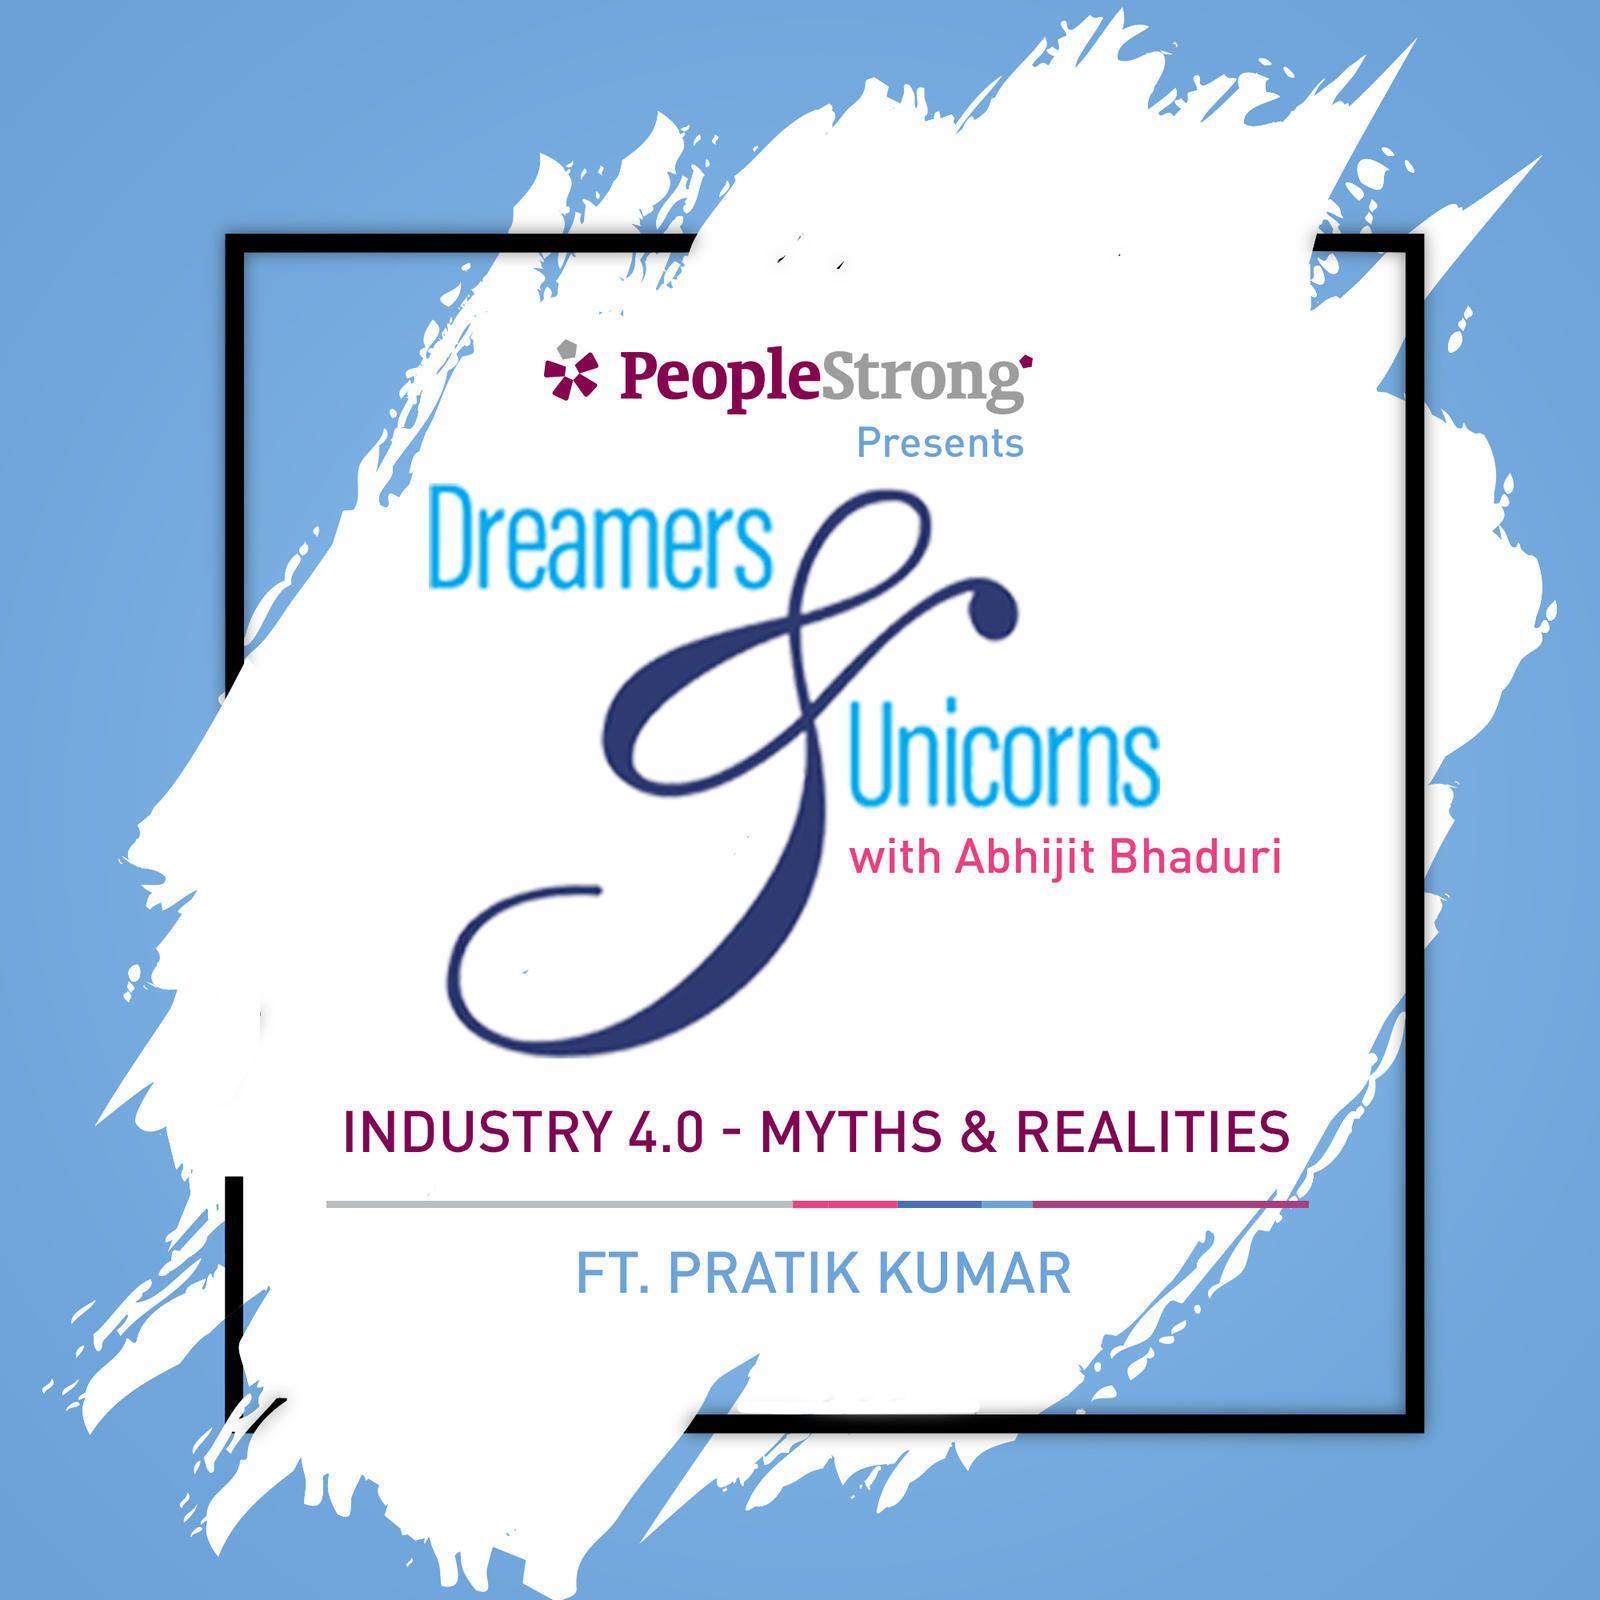 9: Industry 4.0 - Myths & Realities ft. Pratik Kumar